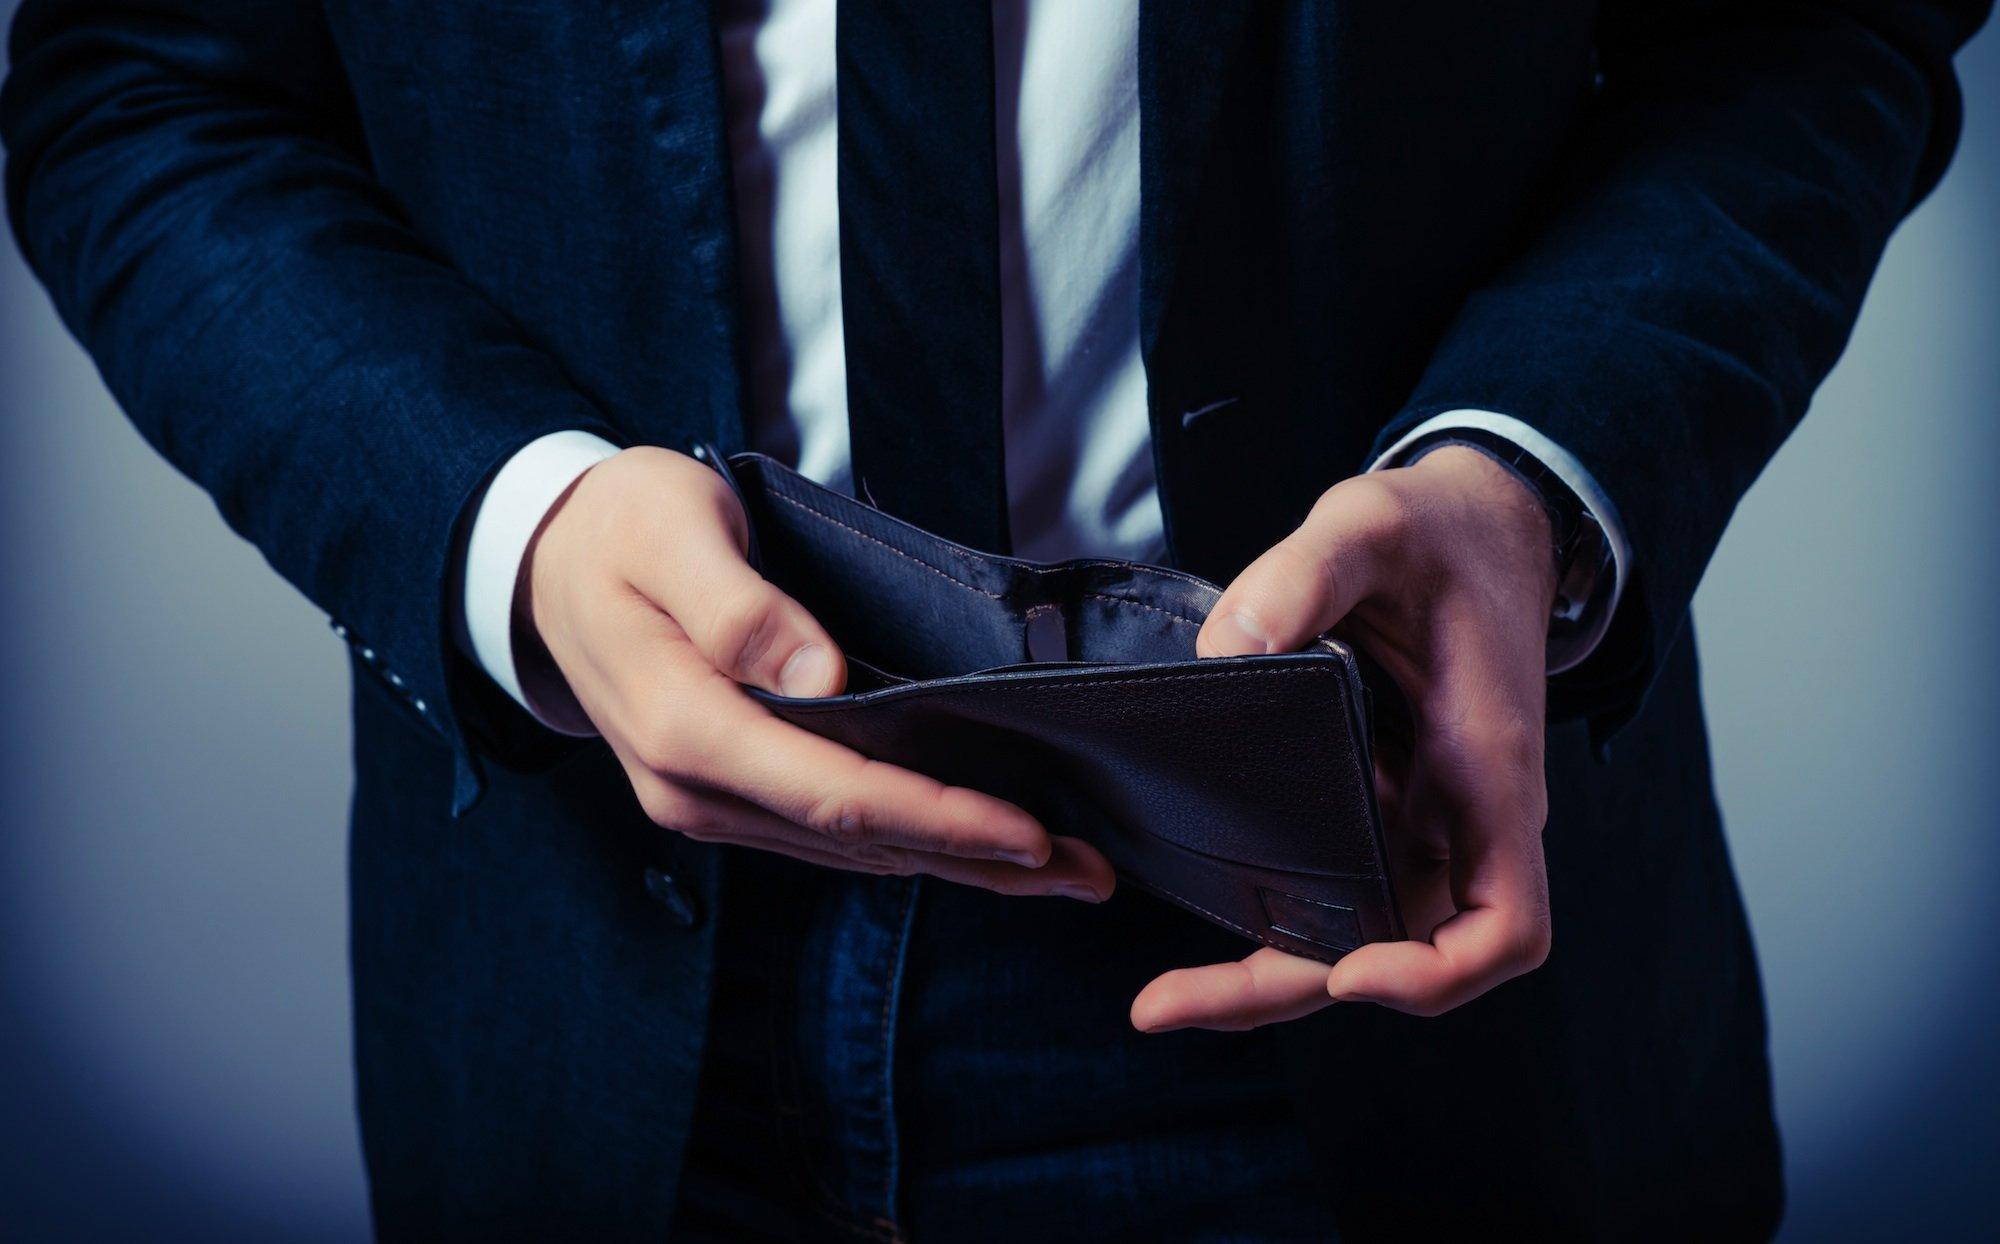 Фз о банкротстве физ лиц приставы могут запросить счет в банке